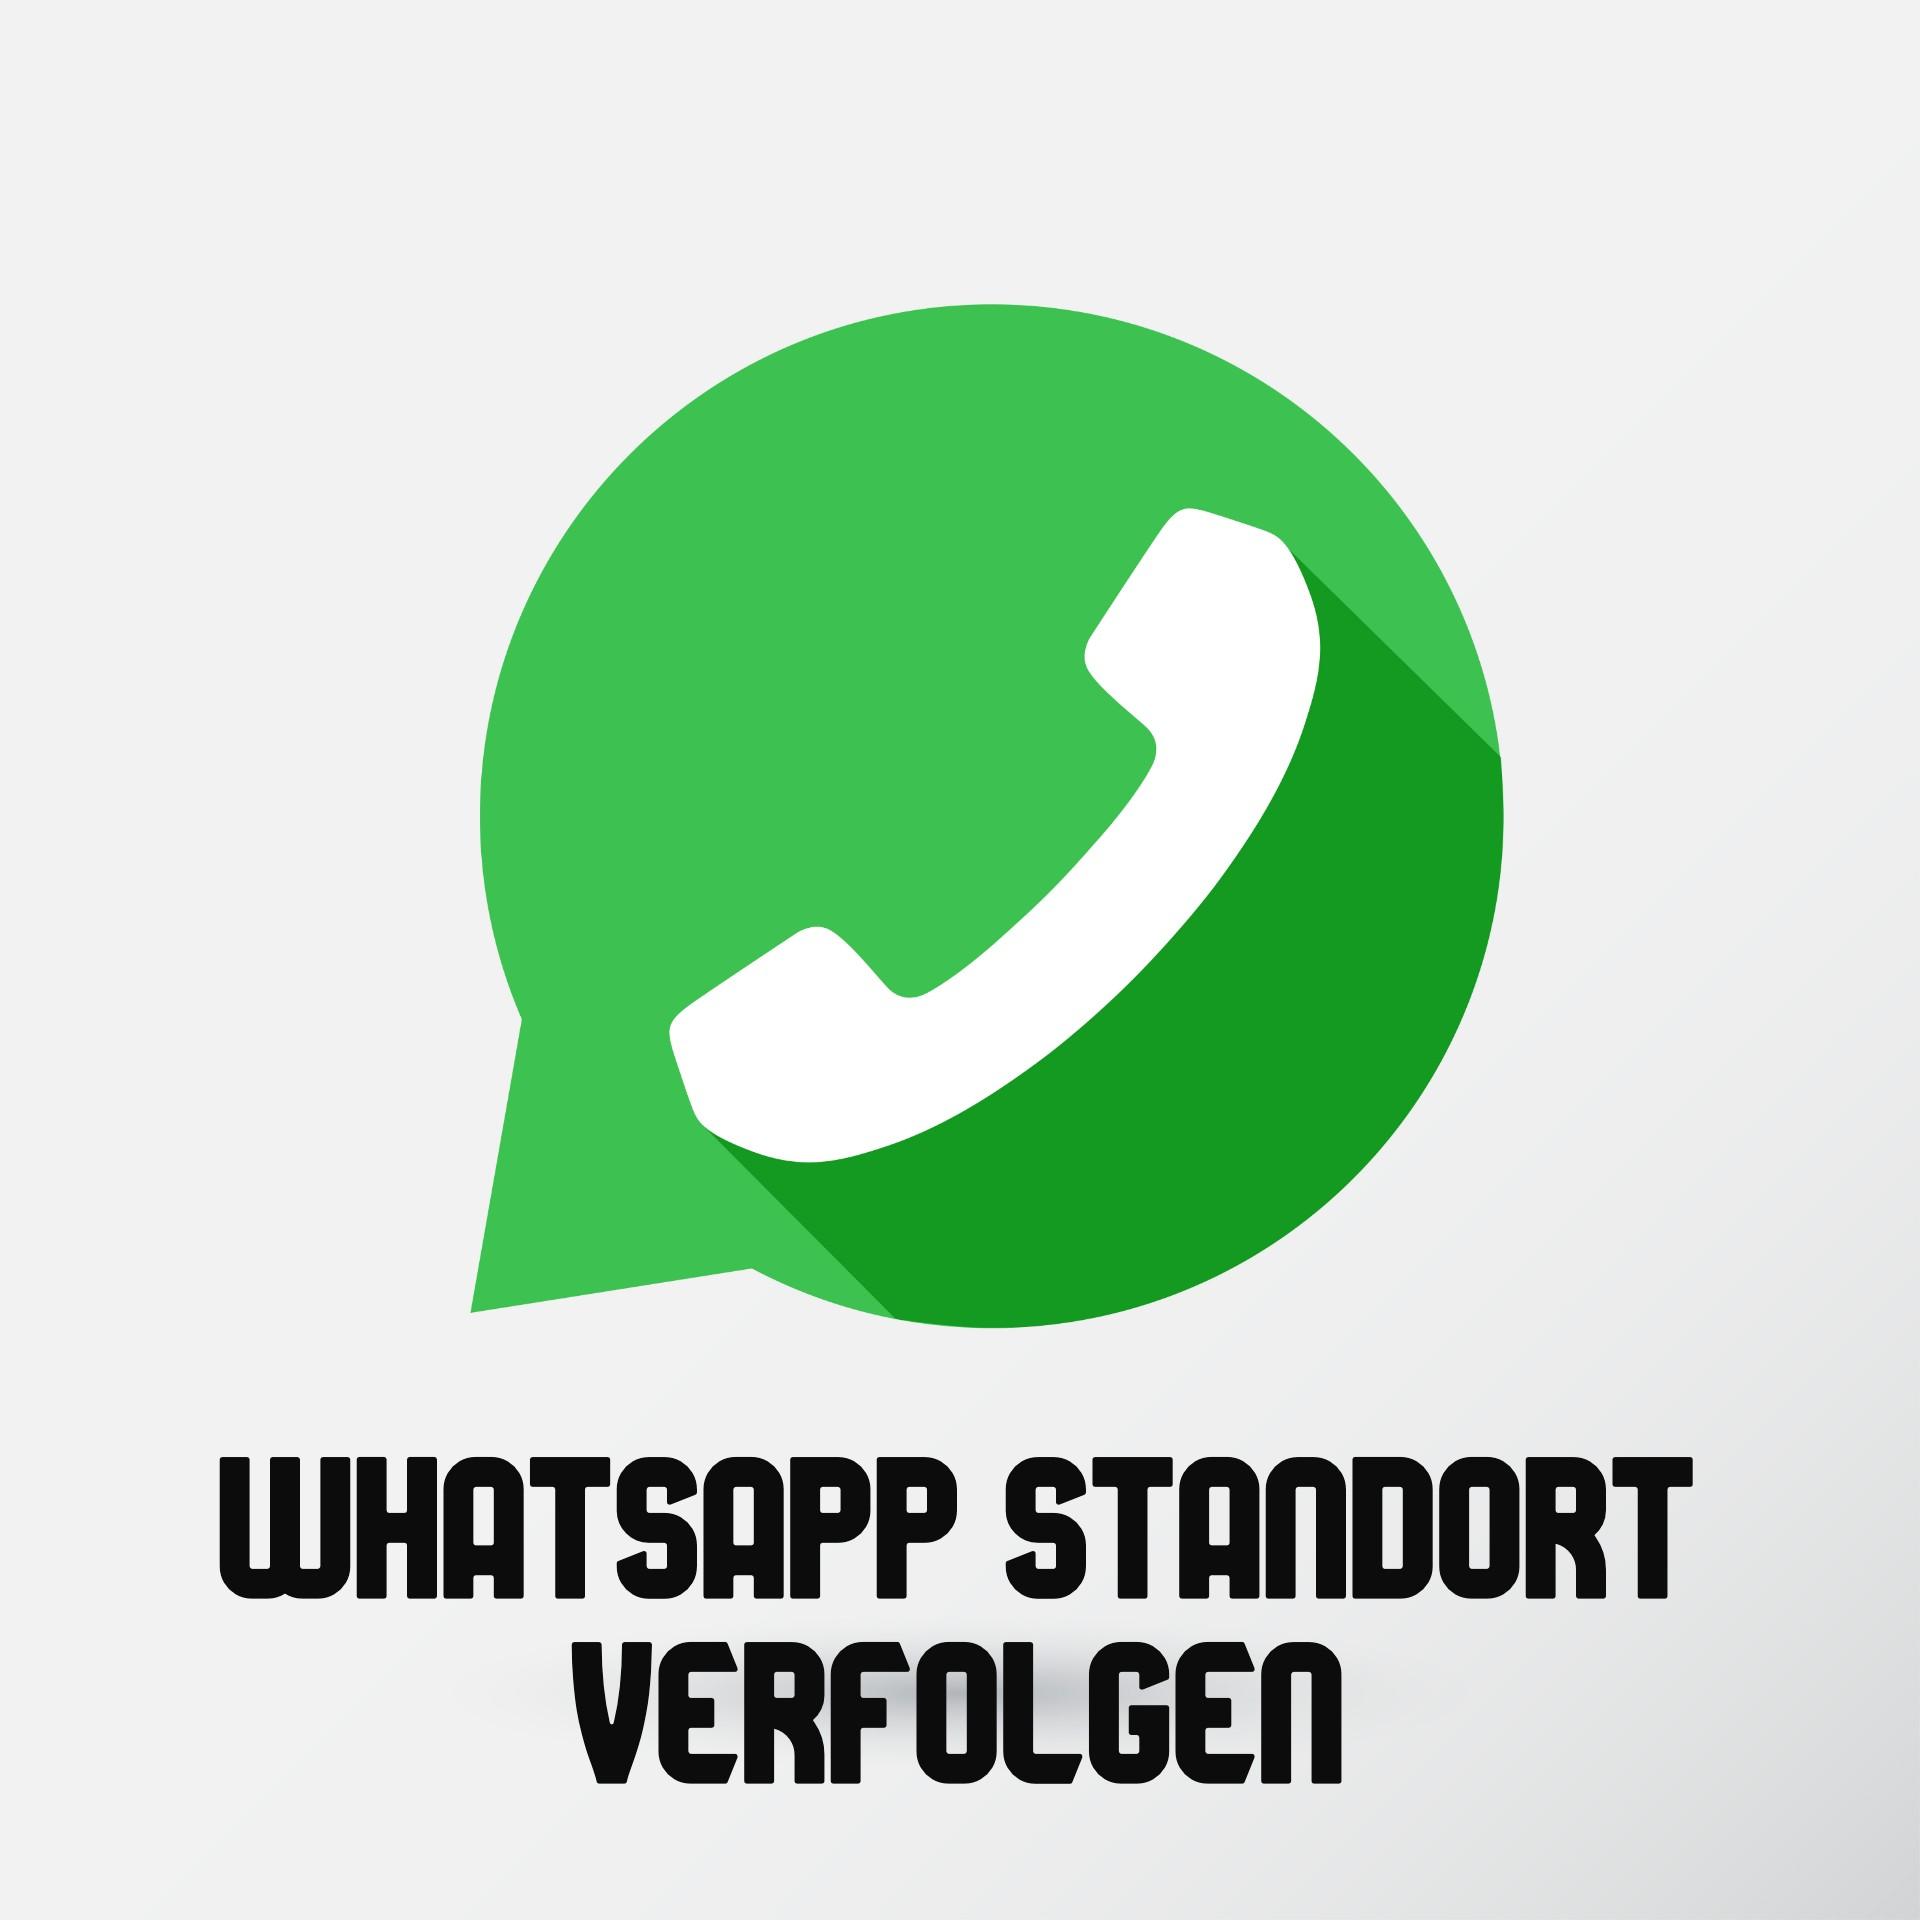 WhatsApp Standort verfolgen